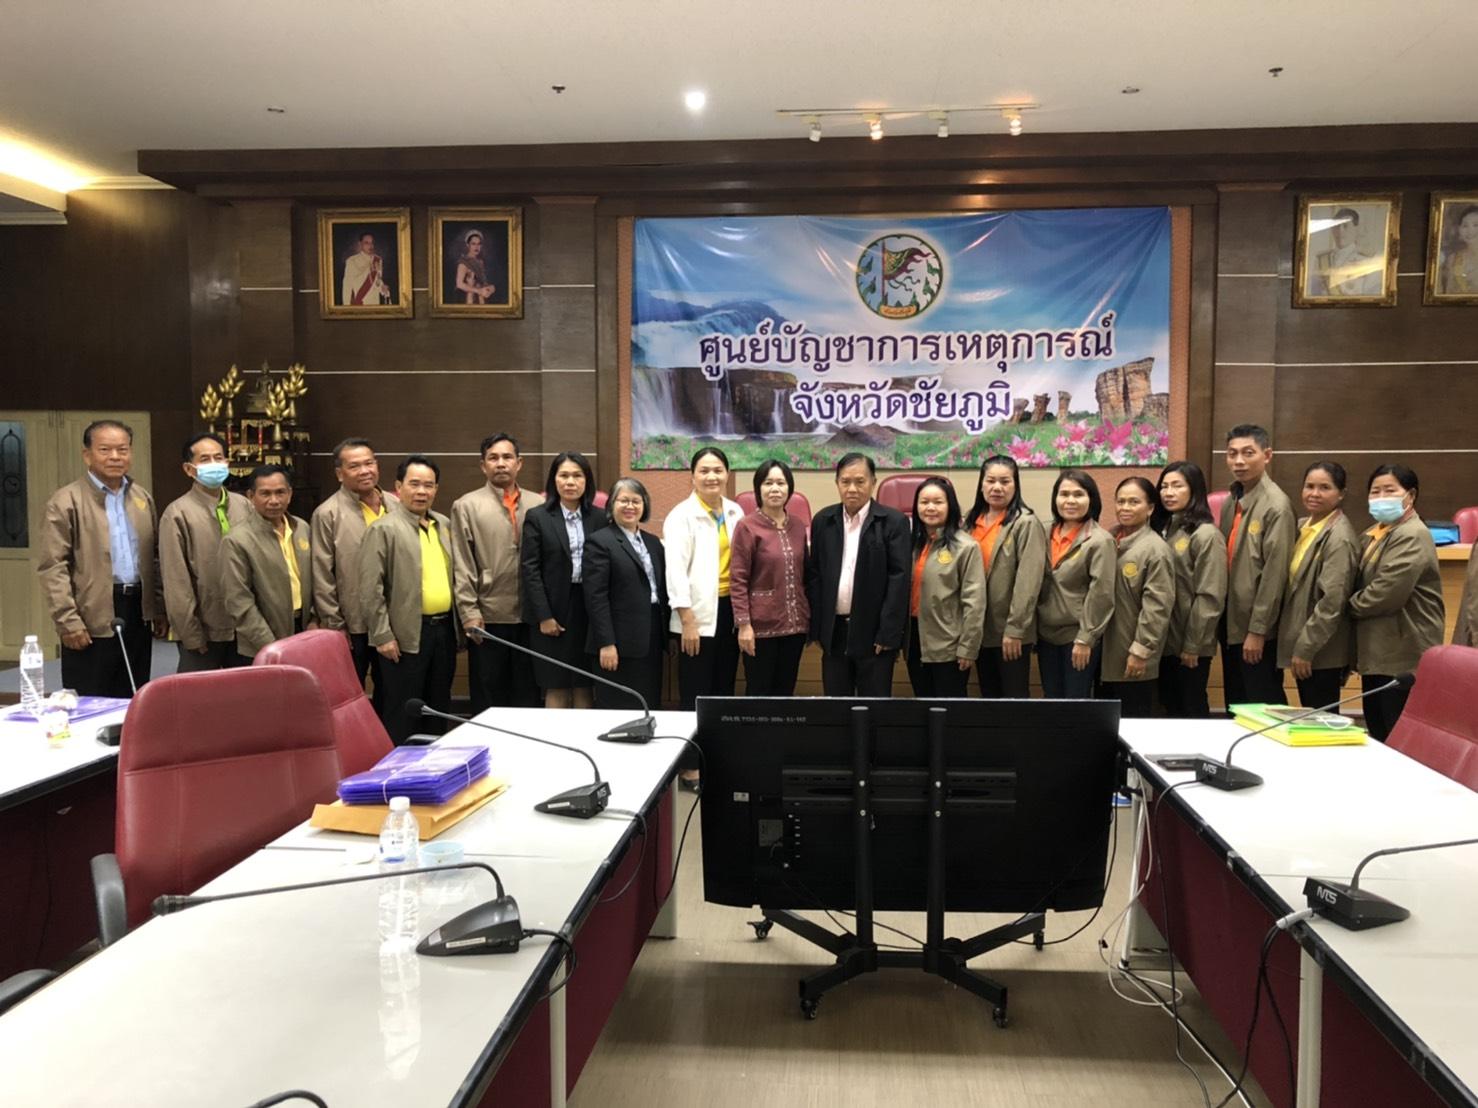 ประชุมชี้แจงและหมอบหมายภาระกิจแก่อาสาสมัครแรงงานระดับตำบลประจำปี 2564